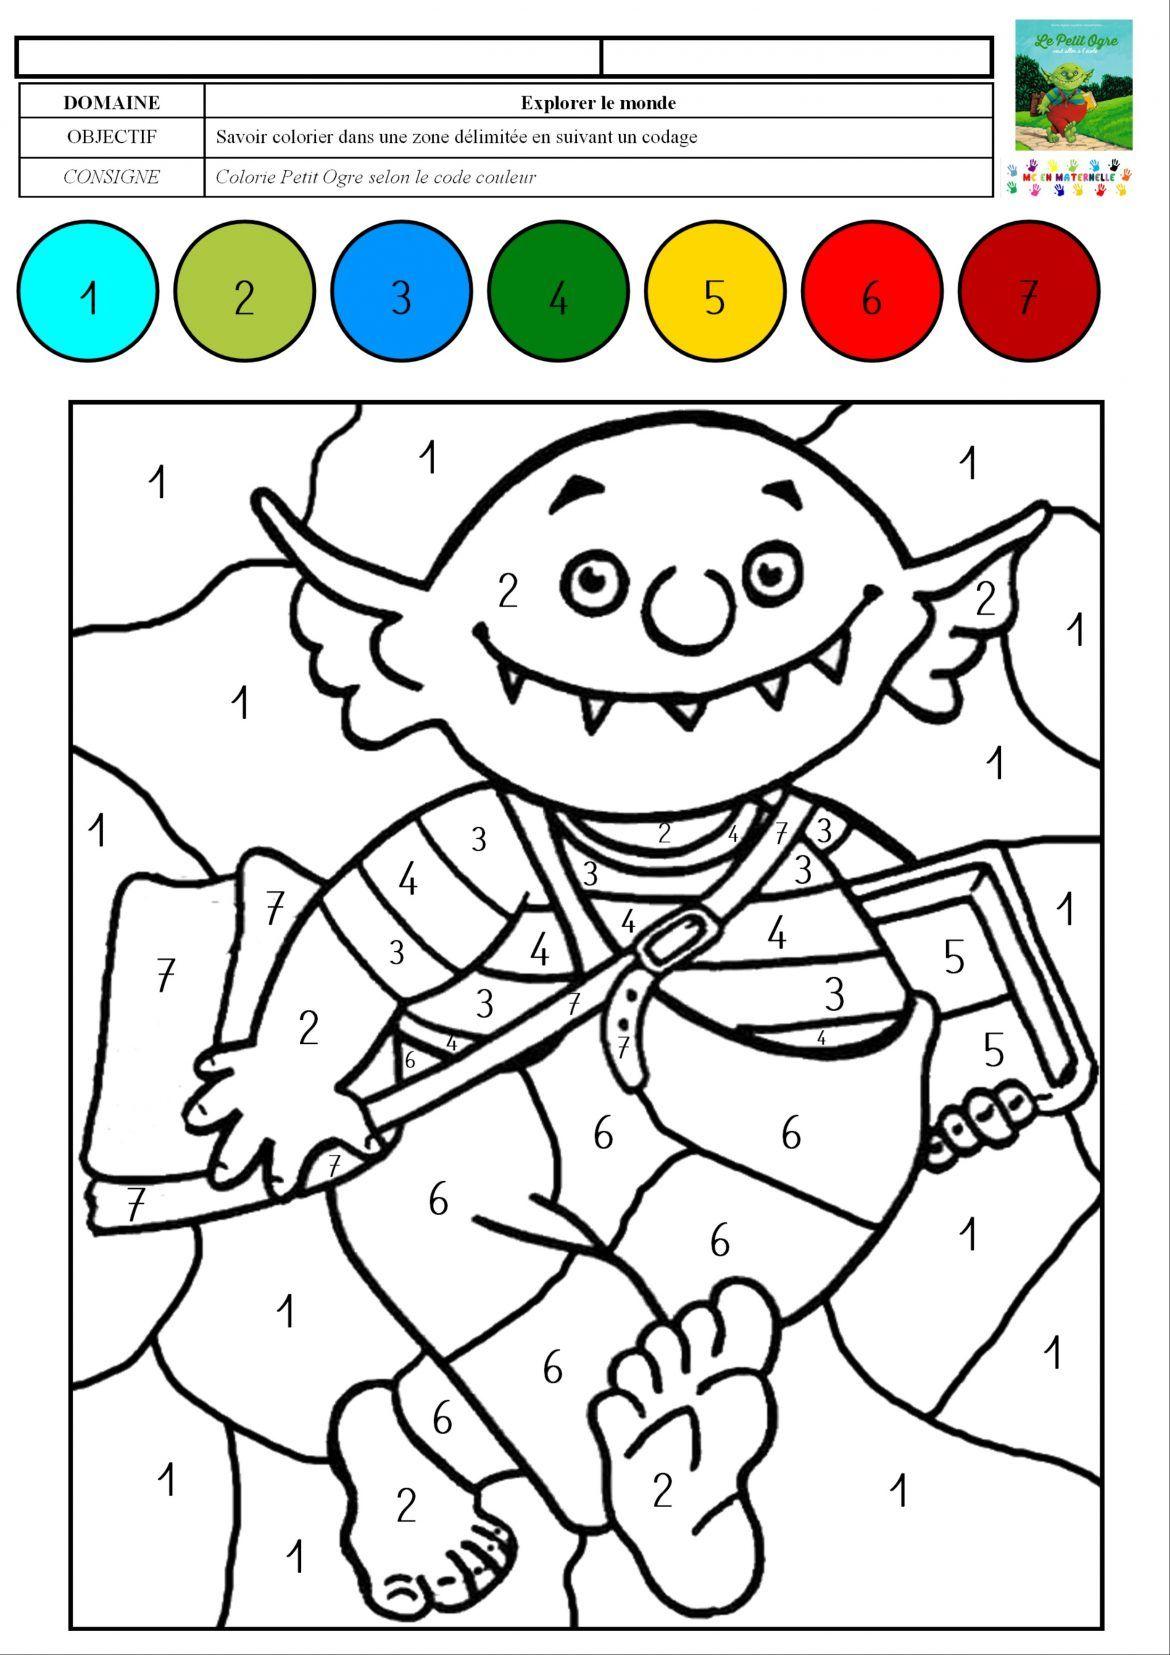 Inspirant Coloriage A Imprimer Avec Des Chiffres